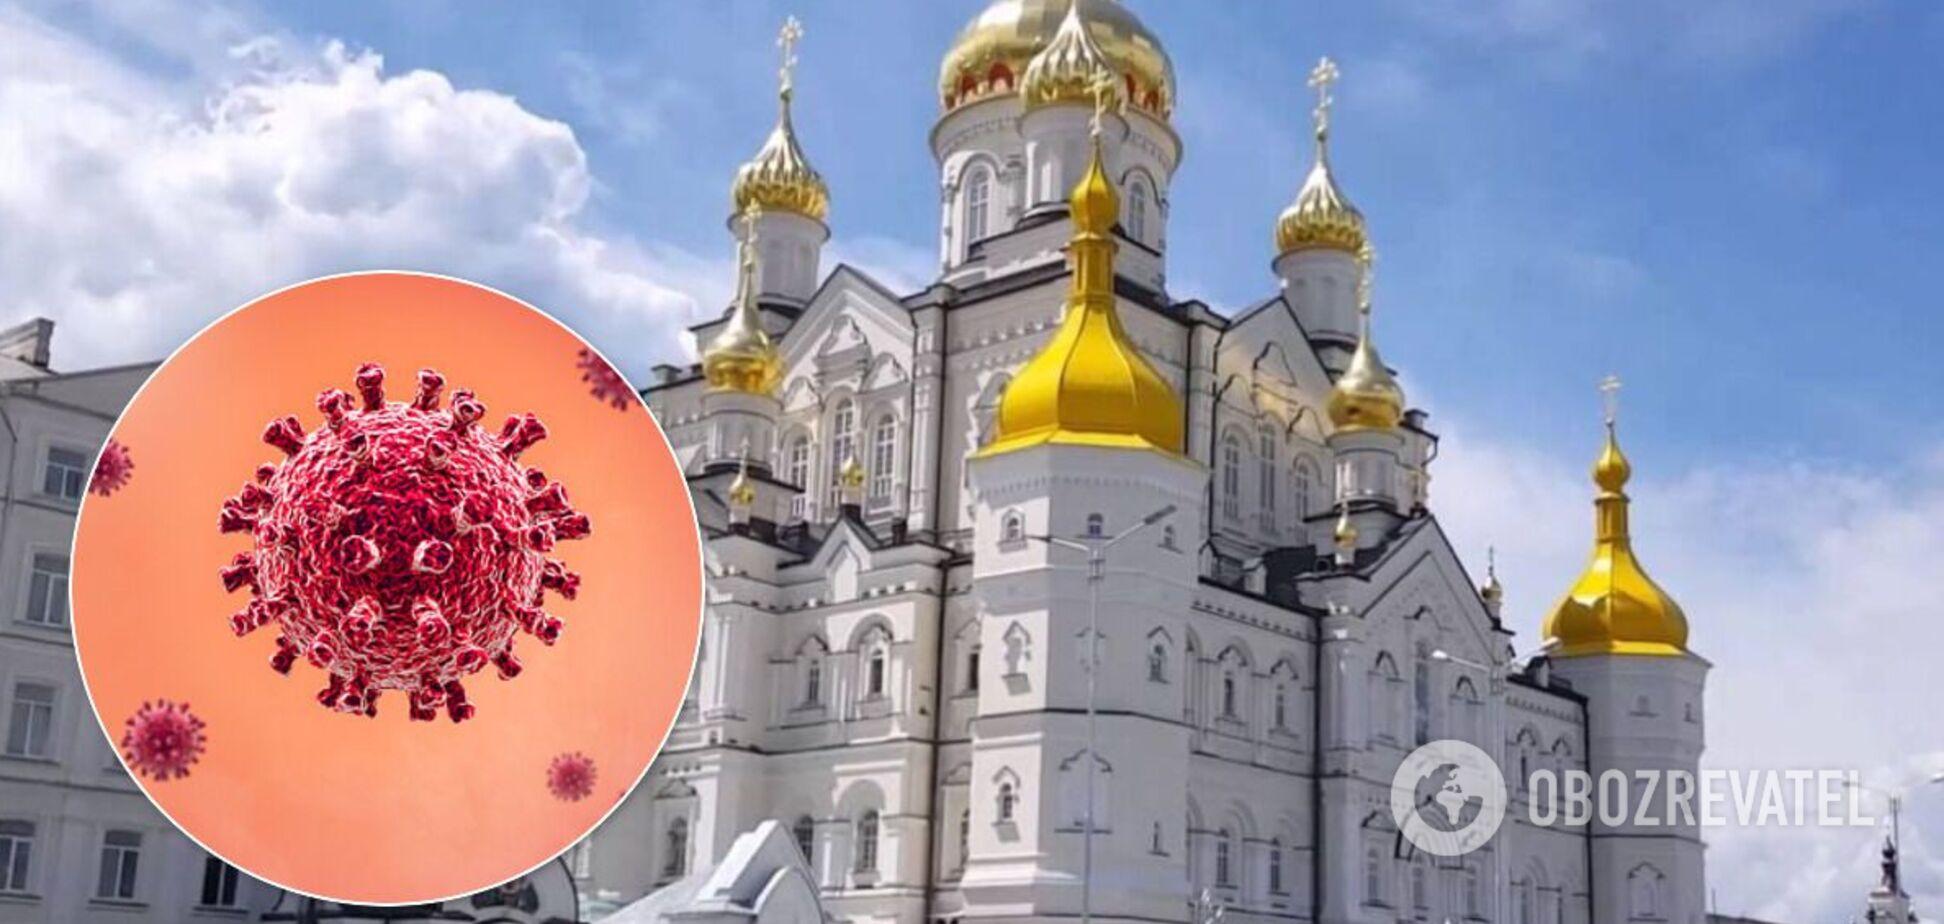 На Тернопільщині спалахнула небезпечна форма коронавірусу. Джерело: Колаж